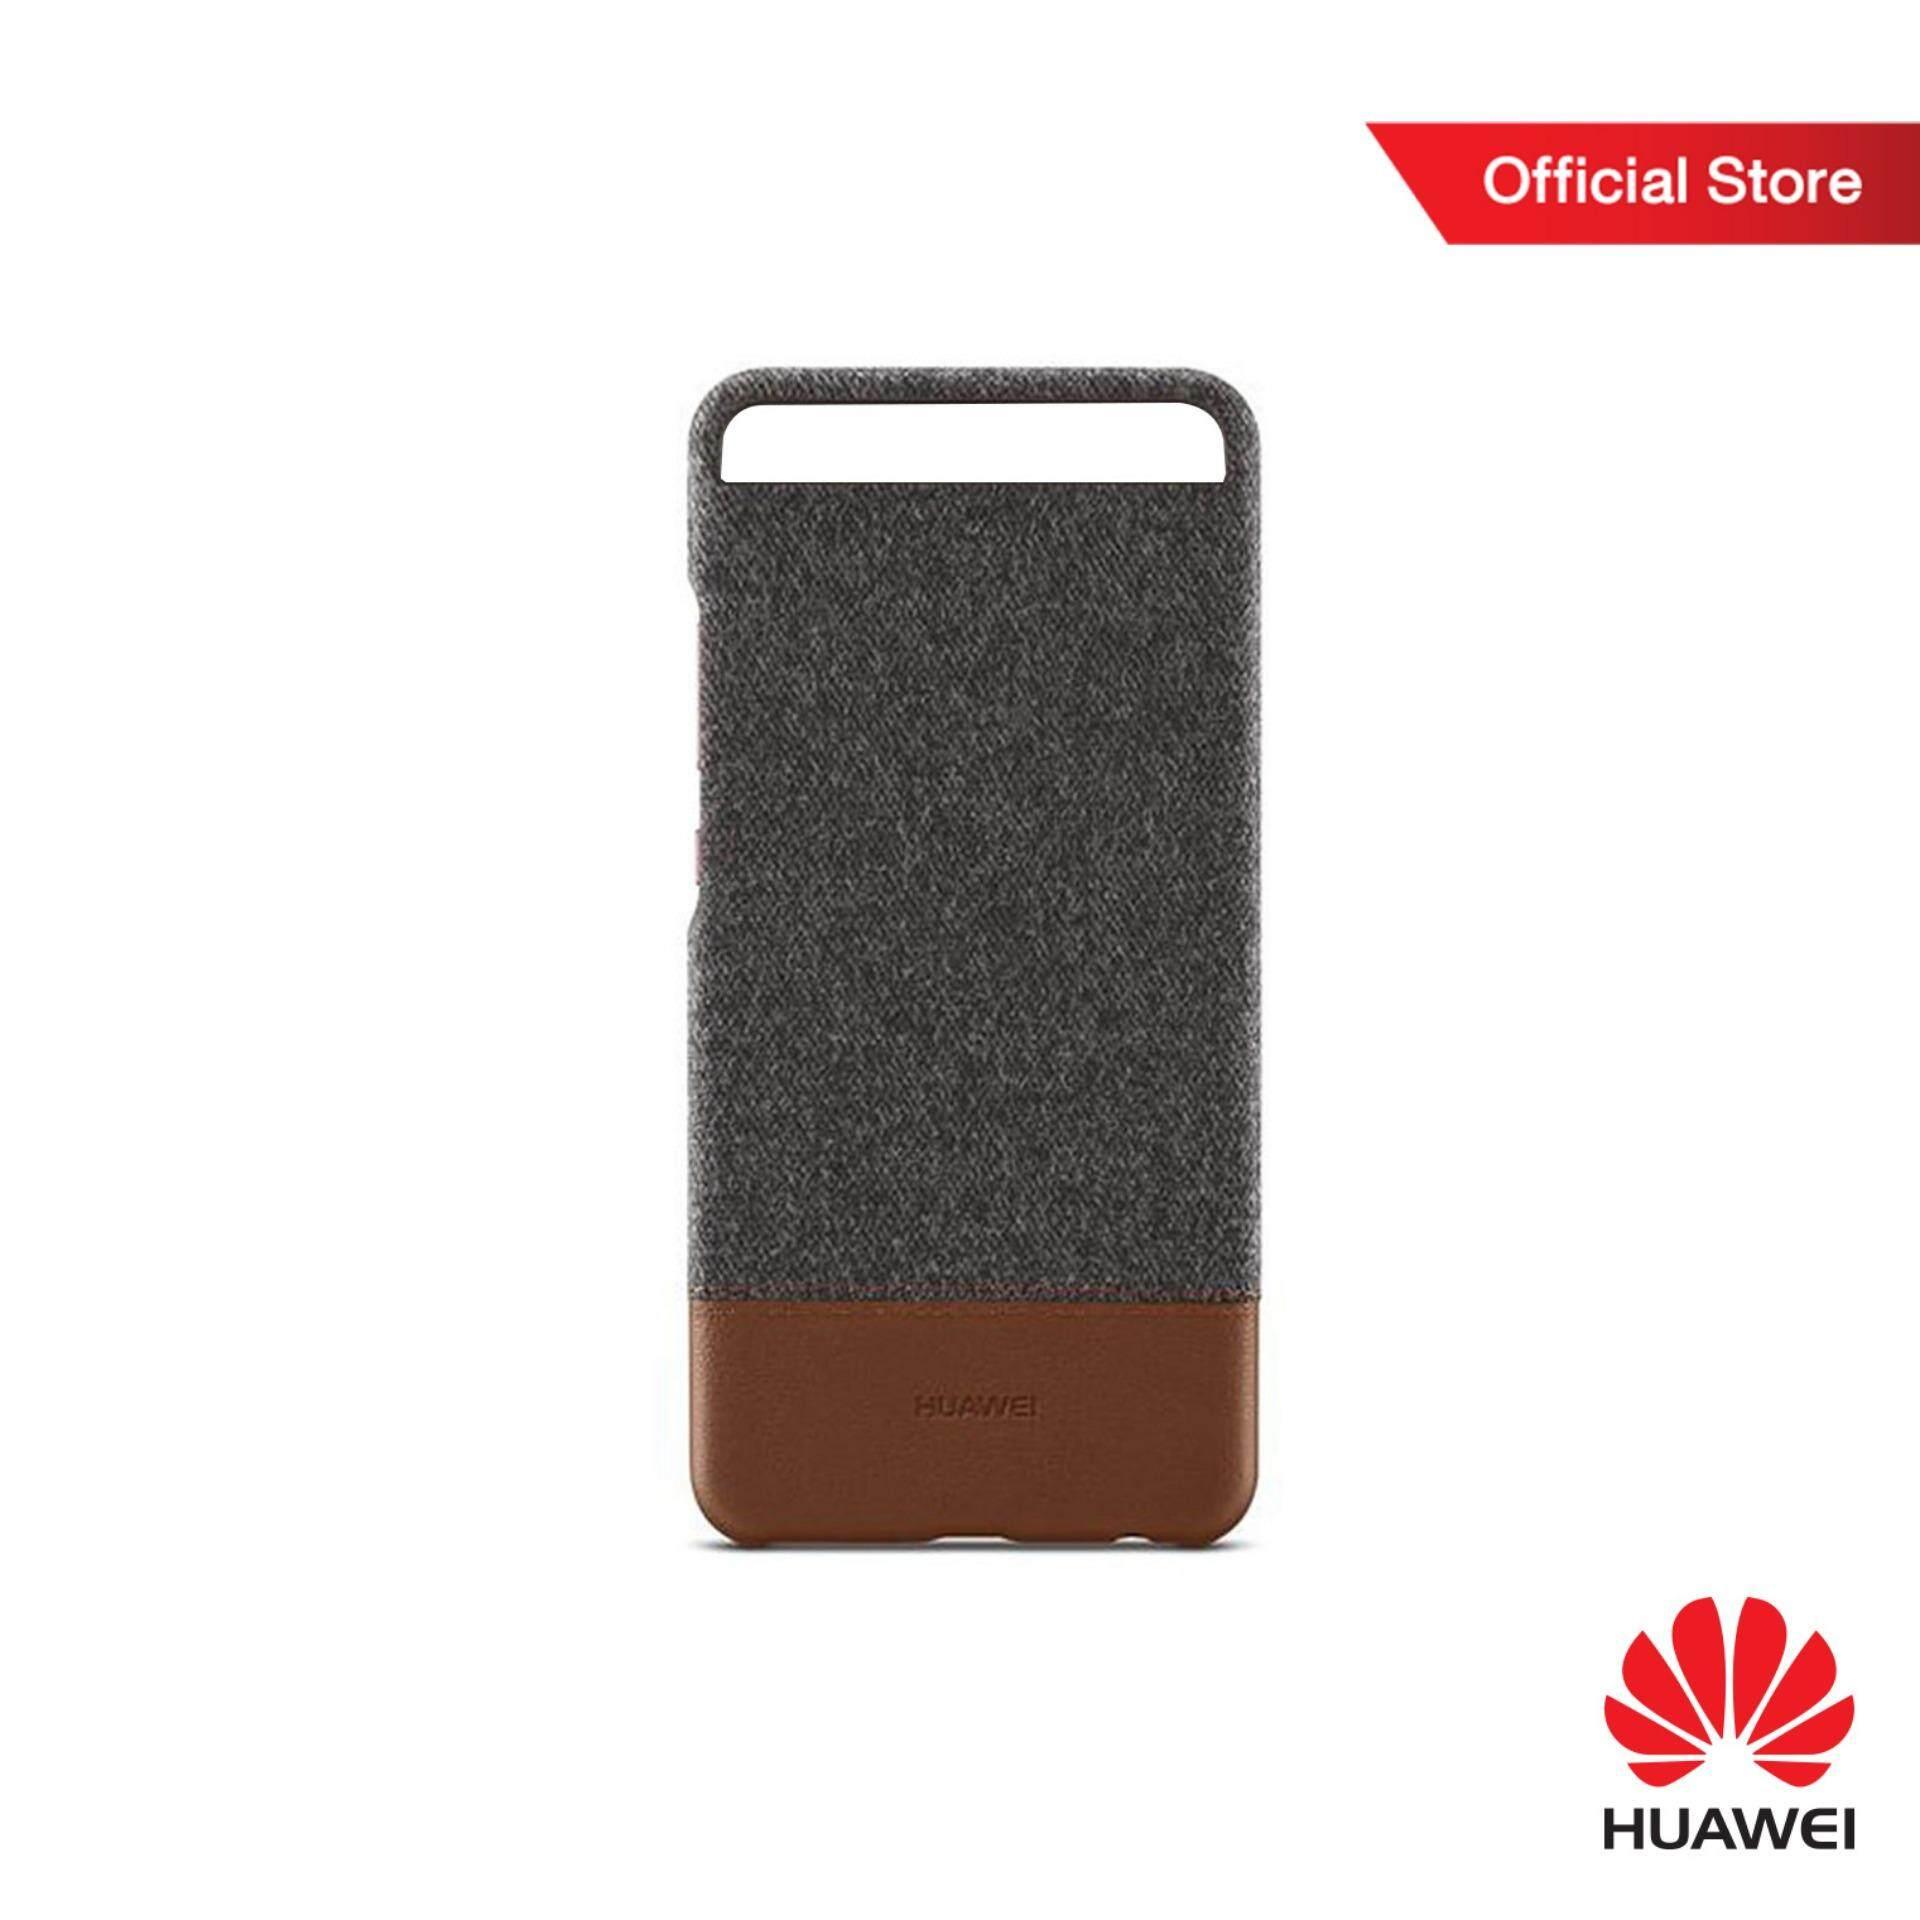 Huawei P10 Mashup Case Brown